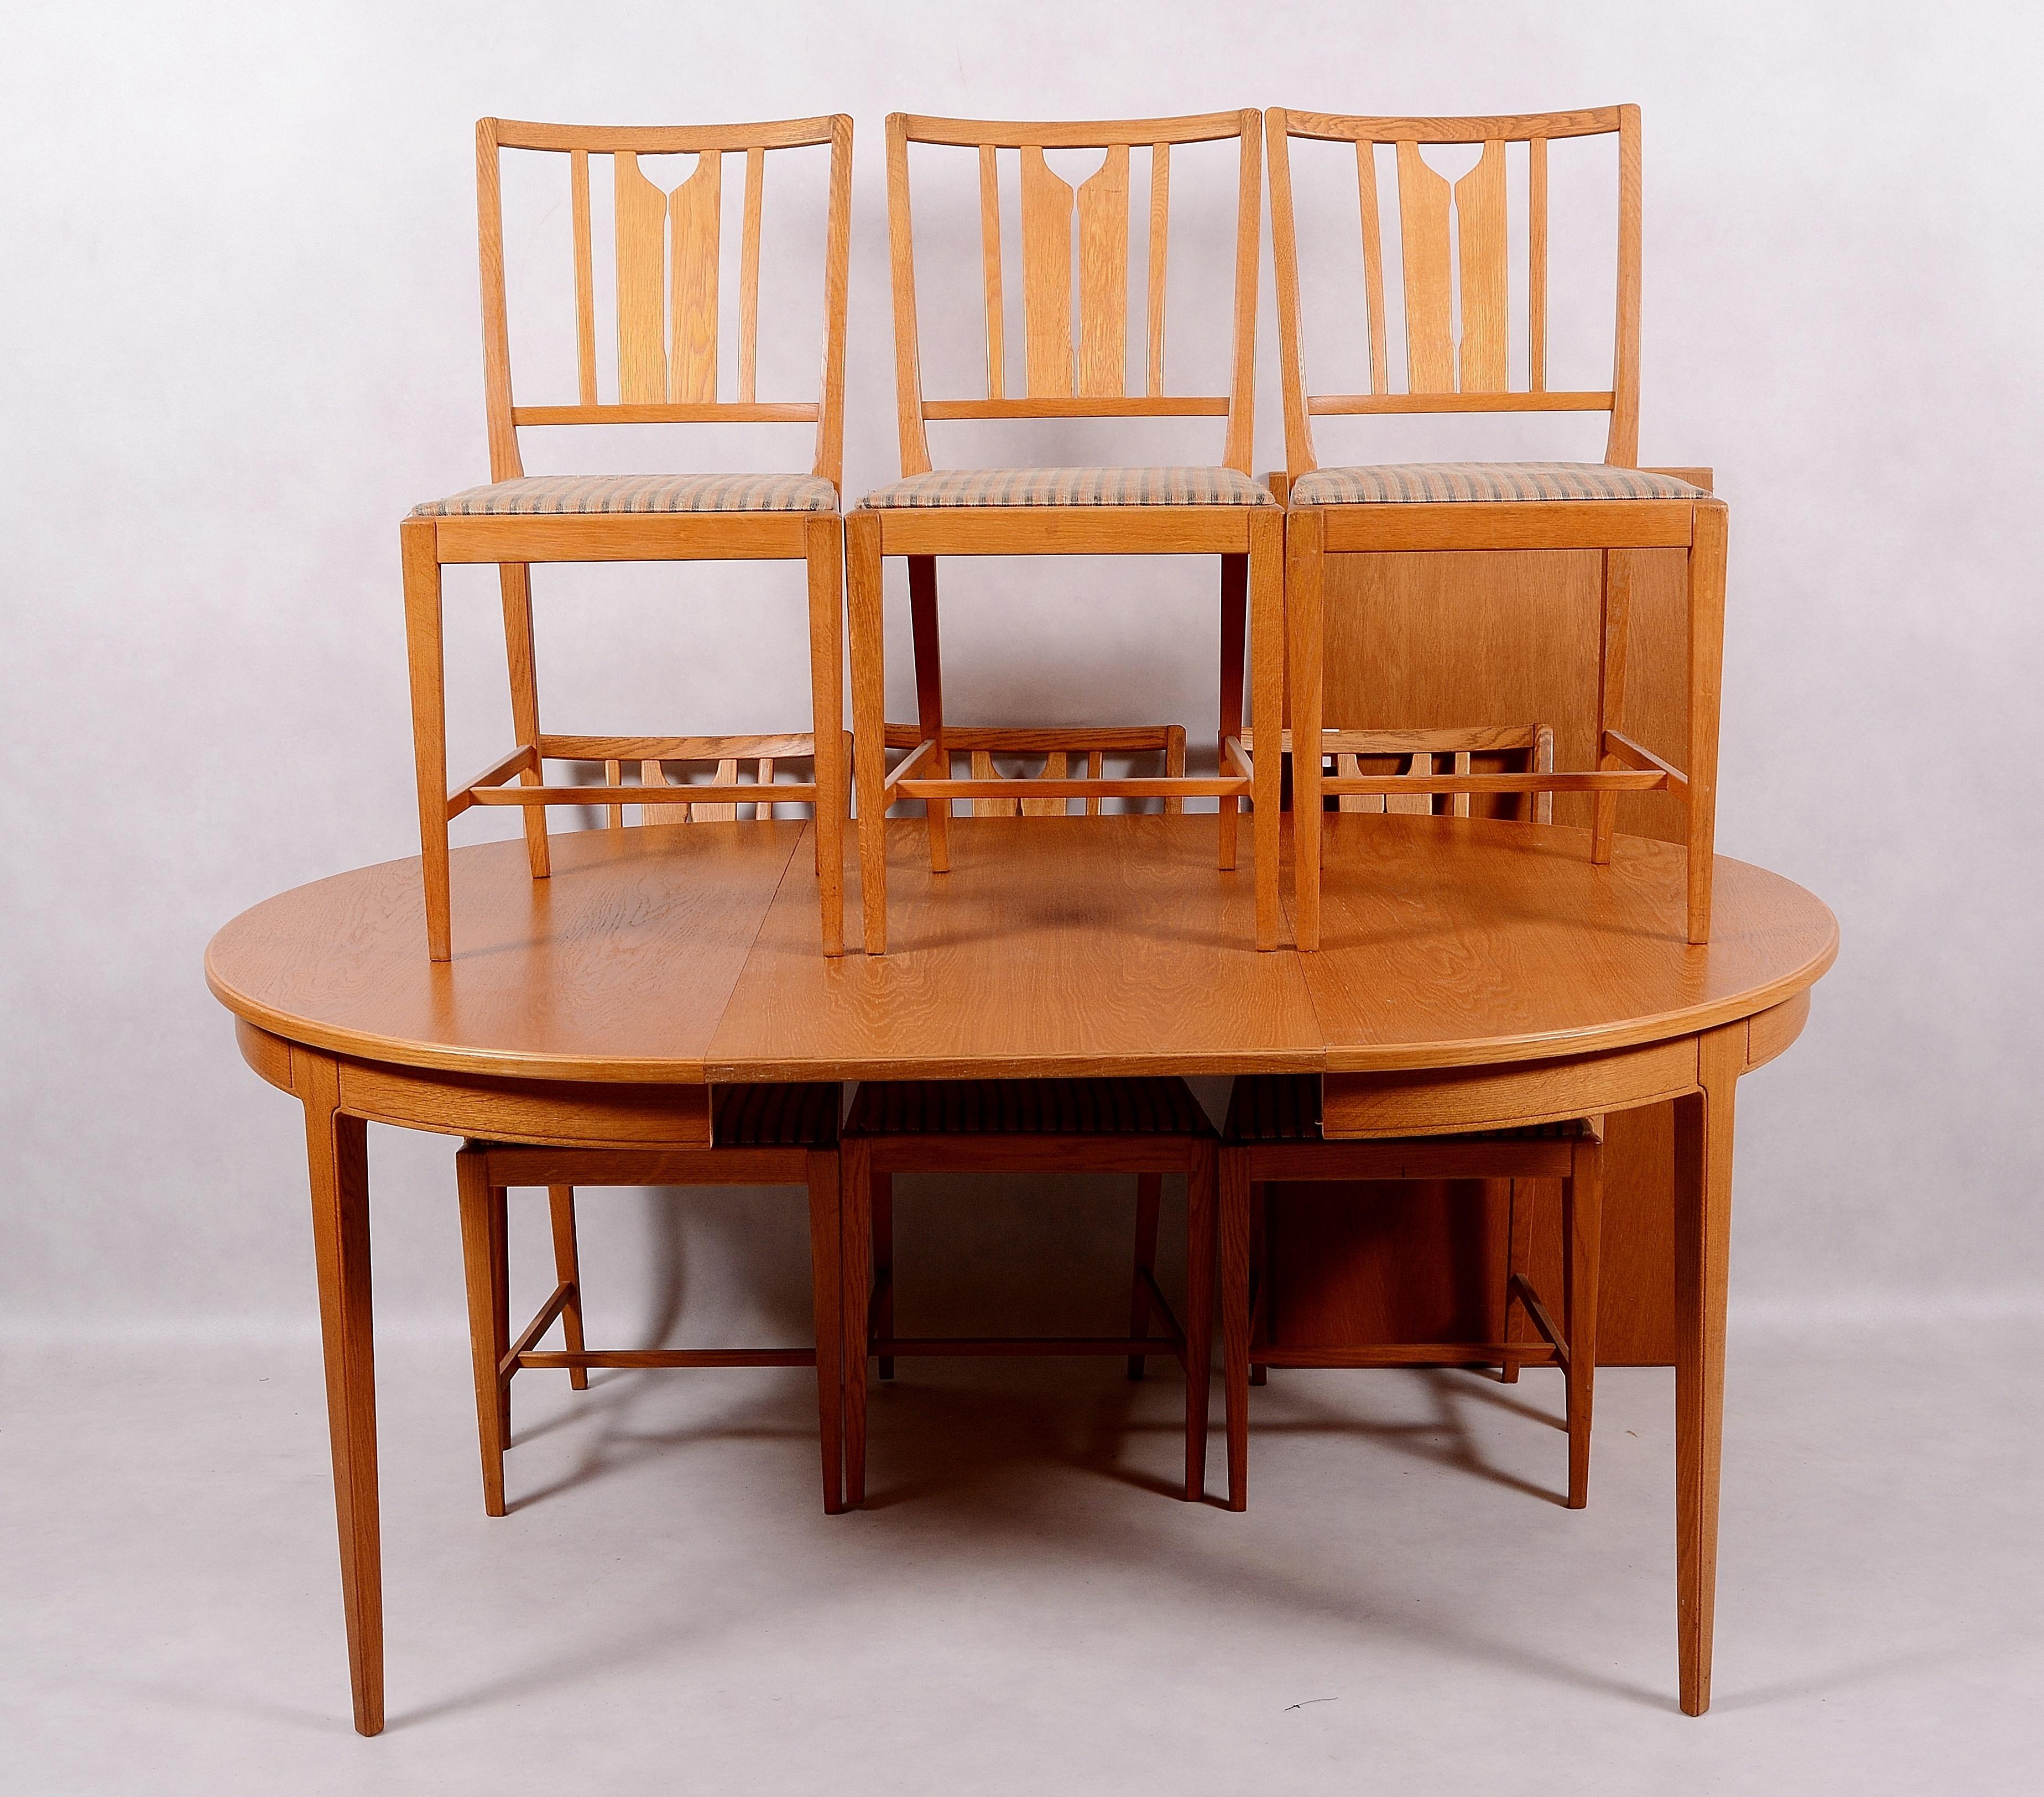 CARL MALMSTEN. Matgrupp i ek, 7 delar, Bodafors. Möbler